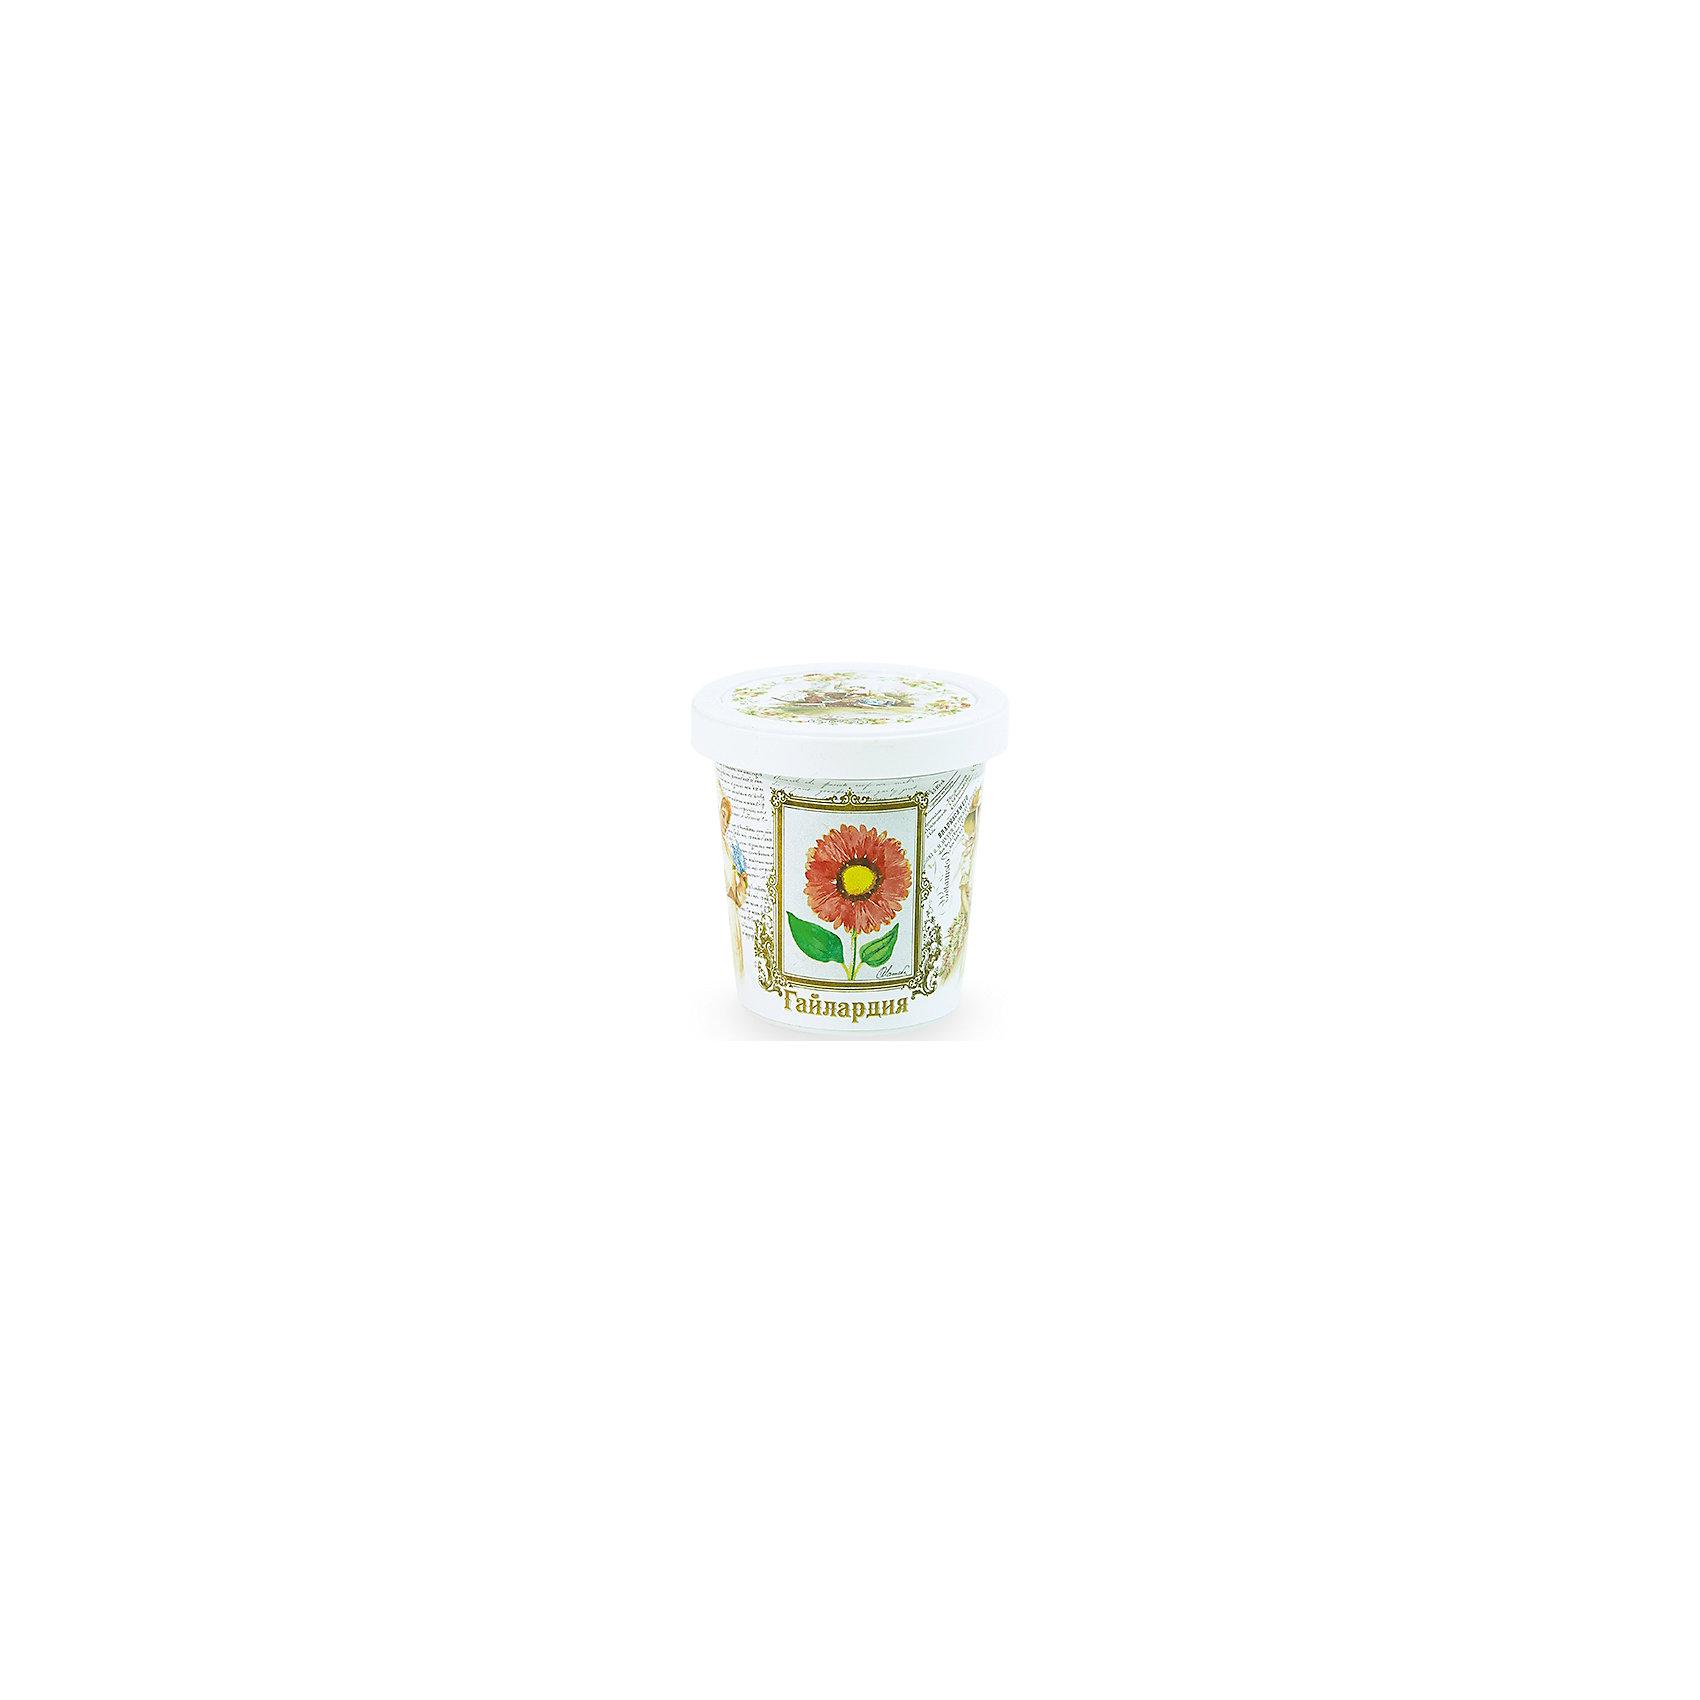 Набор для выращивания Гайлардия Rostok VisaНаборы для выращивания растений<br>Гайлардия, Rostok Visa.<br><br>Характеристики:<br><br>• вы сможете выращивать растения у себя дома<br>• экологически чистая продукция<br>• не содержит химикаты<br>• отличная всхожесть<br>• приятный дизайн<br>• в комплекте: горшочек, пакет с семенами, грунт, инструкция<br>• размер упаковки: 7,5х7,5х12 см<br>• вес: 275 грамм<br><br>Набор Гайлардия подойдет для любителей садоводства. С его помощью ребенок научится выращивать гайлардию из семейства астровых и ухаживать за ней. Прочитав инструкцию, вы узнаете как именно нужно ухаживать за растением. Процесс выращивания понравится ребенку, а взрослое растение в оригинальном горшочке украсит вашу комнату!<br><br>Набор Гайлардия, Rostok Visa вы можете купить в нашем интернет-магазине.<br><br>Ширина мм: 120<br>Глубина мм: 75<br>Высота мм: 75<br>Вес г: 267<br>Возраст от месяцев: 168<br>Возраст до месяцев: 240<br>Пол: Унисекс<br>Возраст: Детский<br>SKU: 5053975